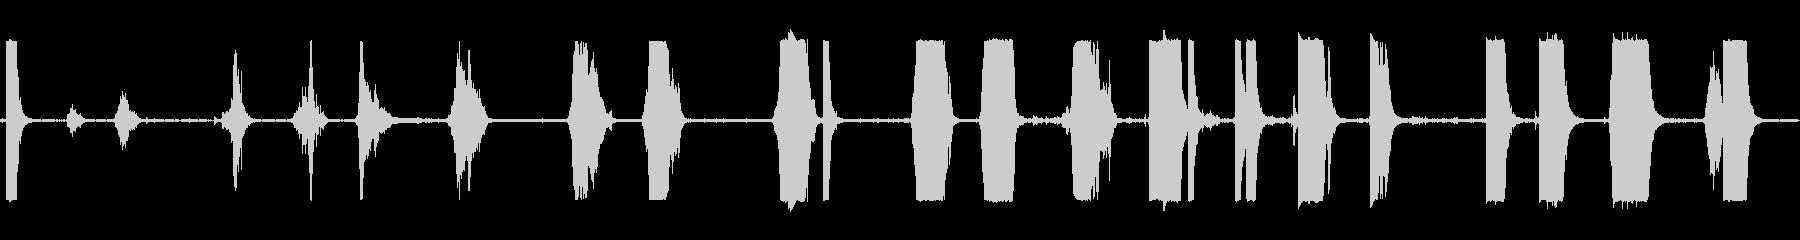 金属ブロックセメント景観クランクの未再生の波形